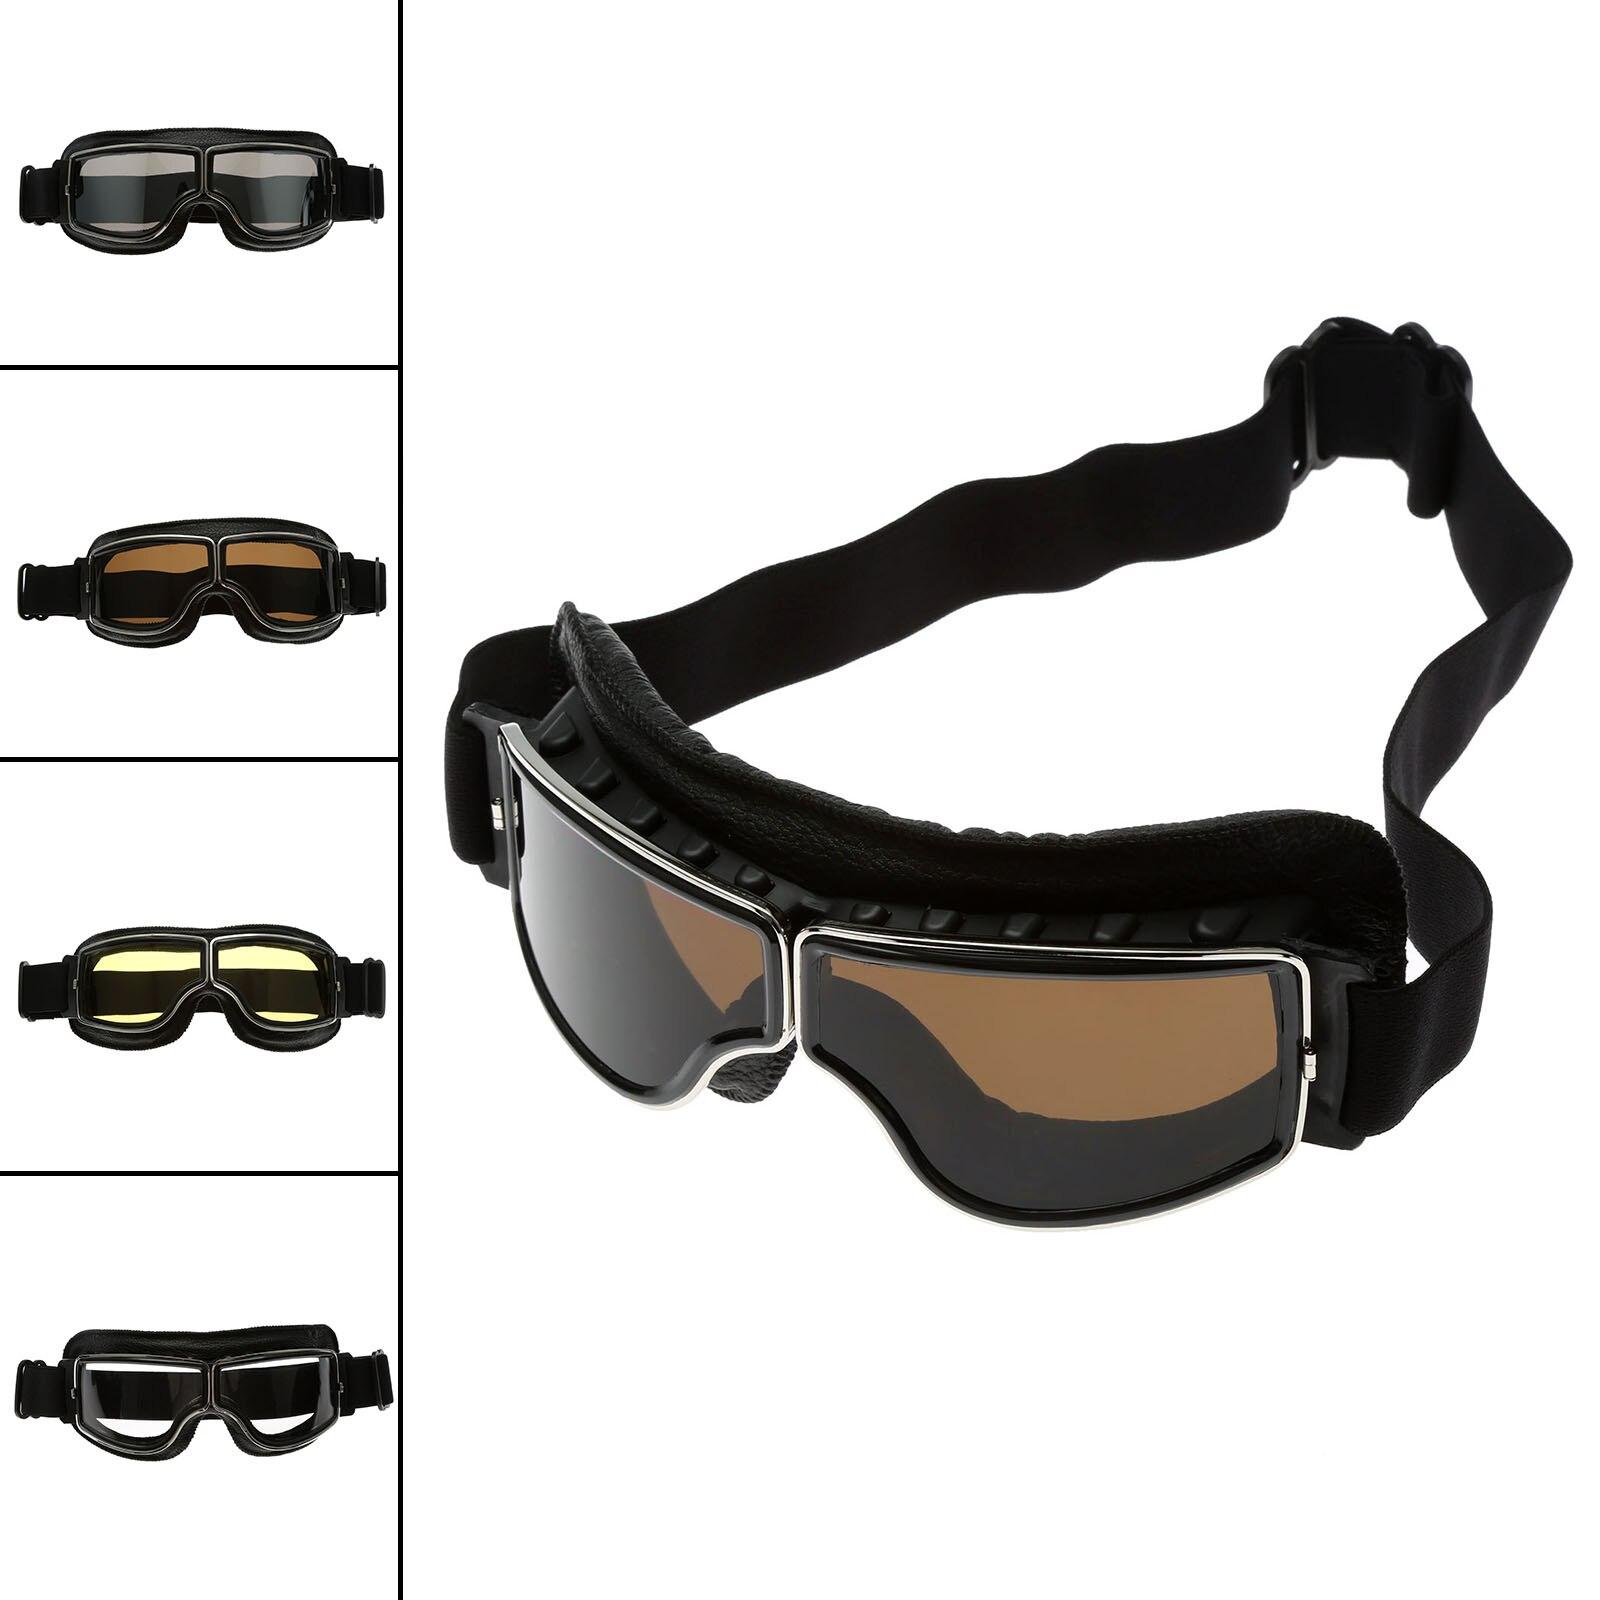 Retro Motorrad-schutzbrille Für Harley Motocross Helm Brille Uv-schutz Ski Snowboard Skate Goggle Retro Brillen Objektiv Leder